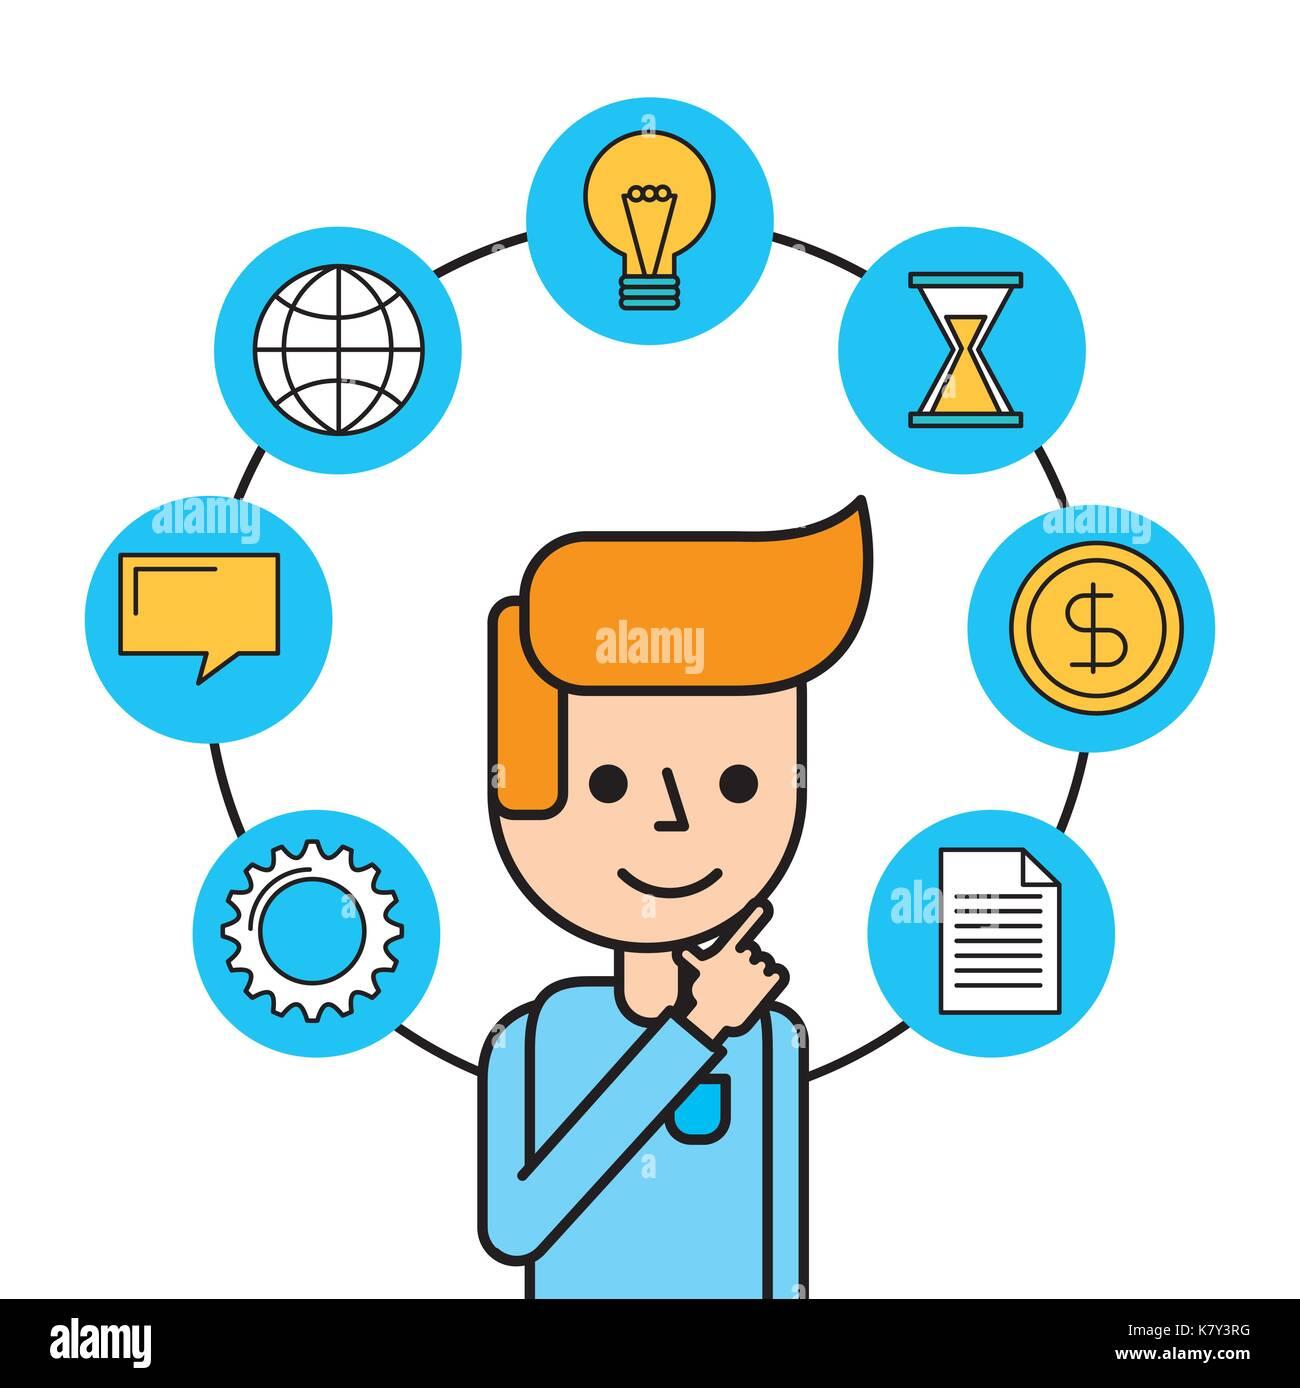 El hombre creatividad piensan trabajar dinero mensaje global Imagen De Stock